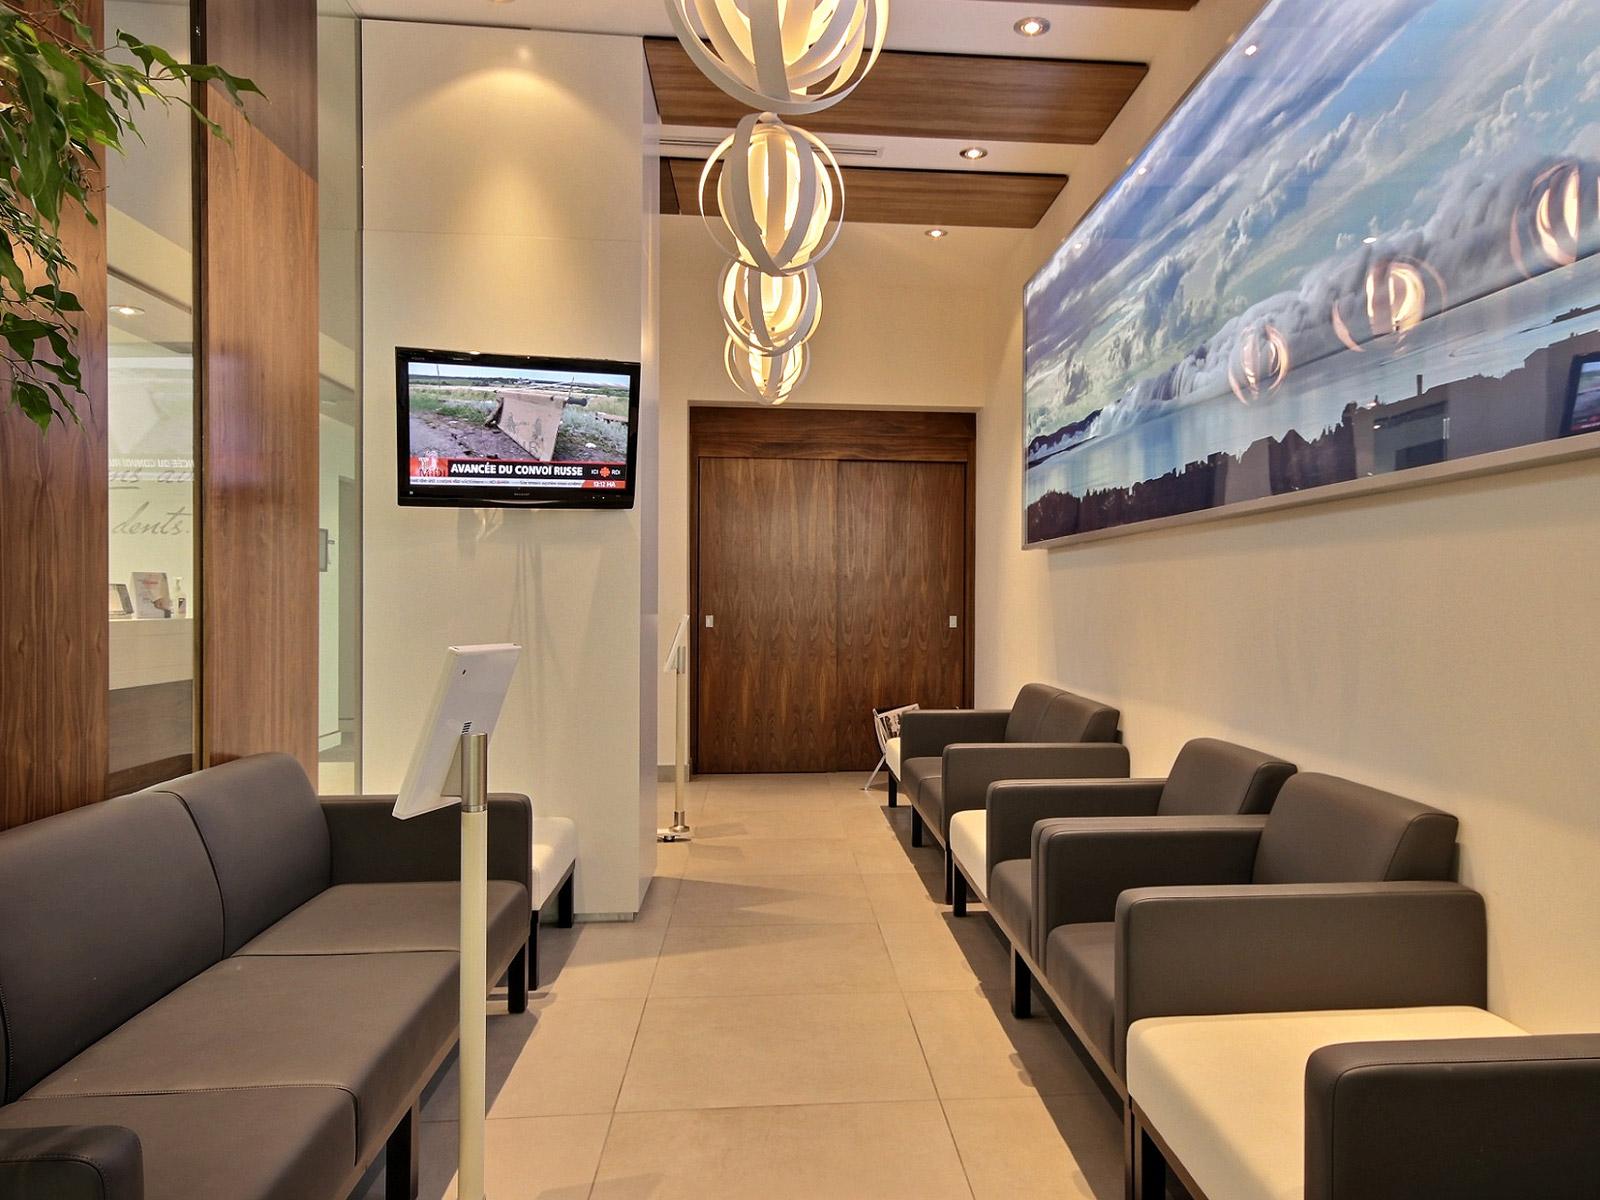 Design intérieur salle d'attente